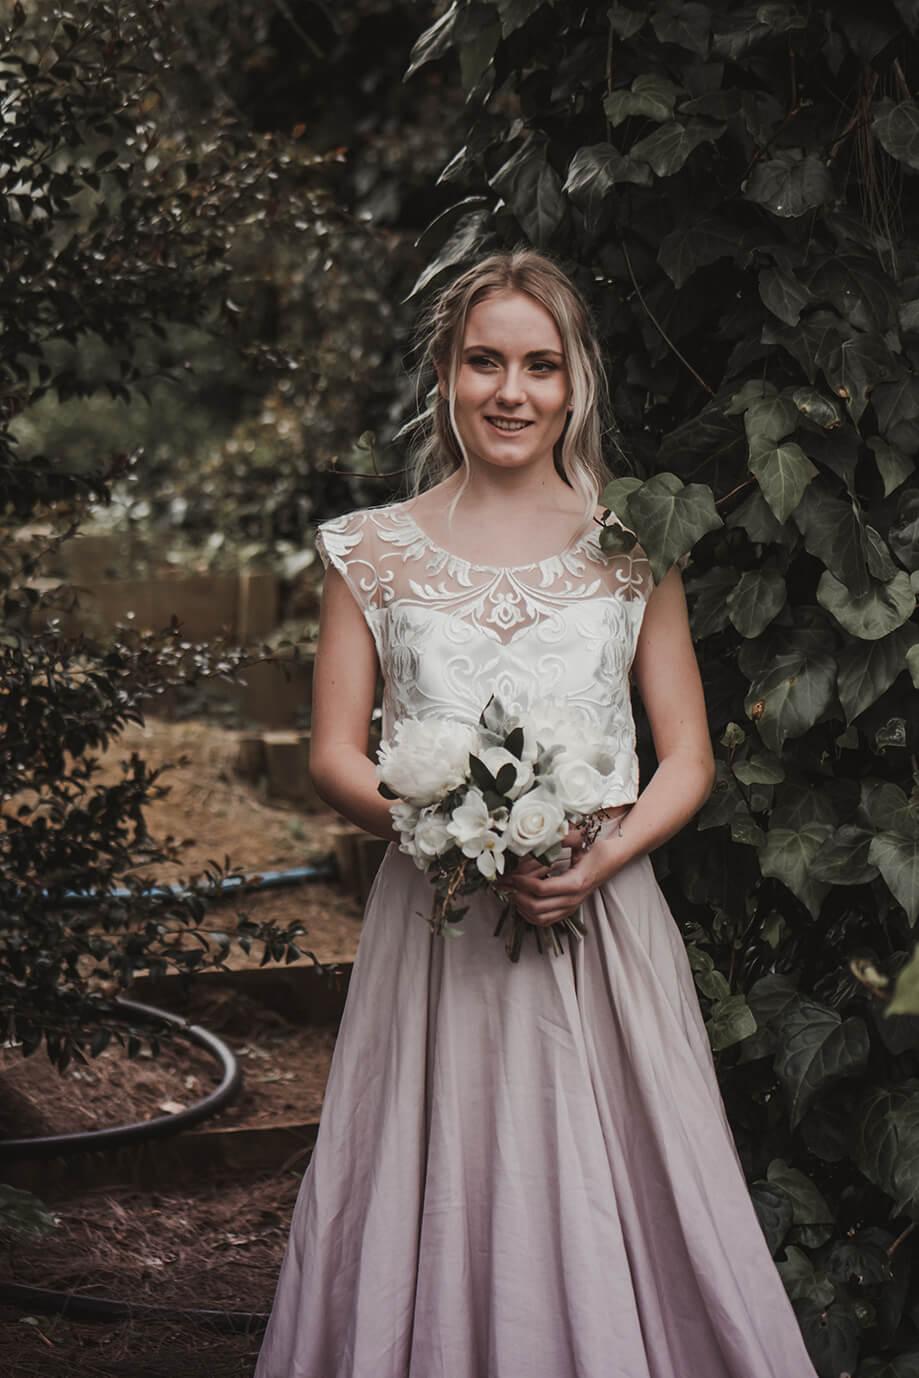 elizabeth may bridal 07 - Bridal Session 7.jpg.jpg